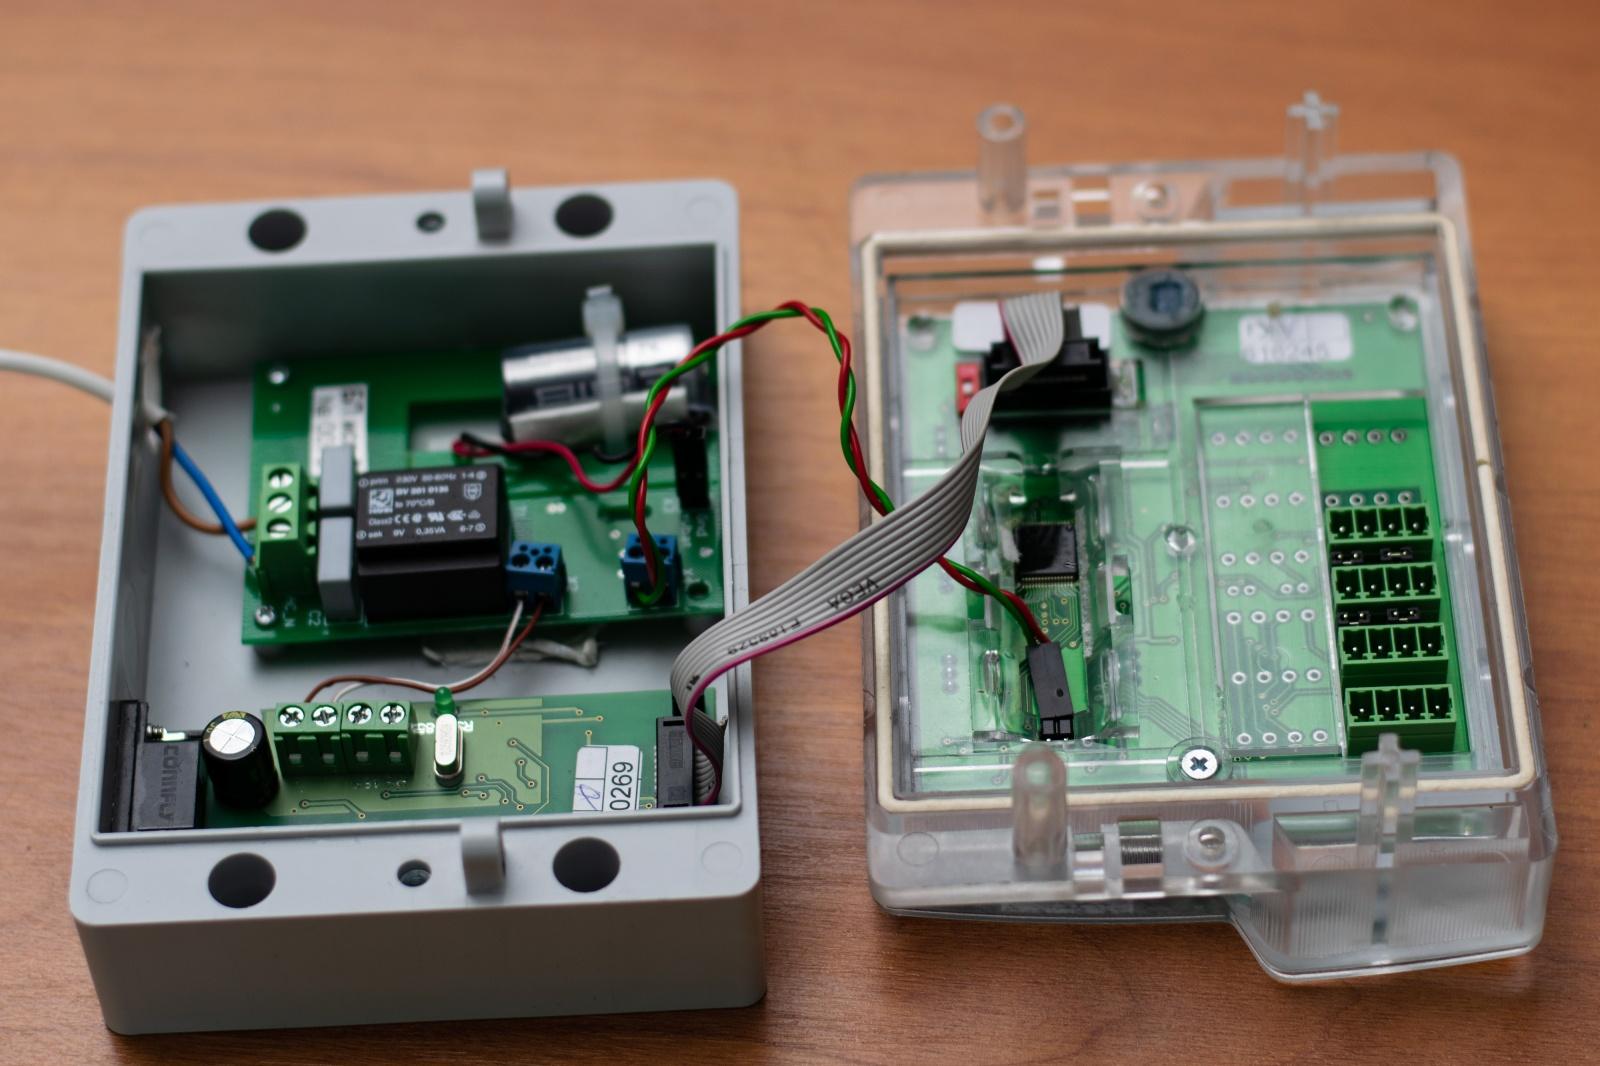 Записки IoT-провайдера. Подводные камни опроса счетчиков ЖКХ - 3